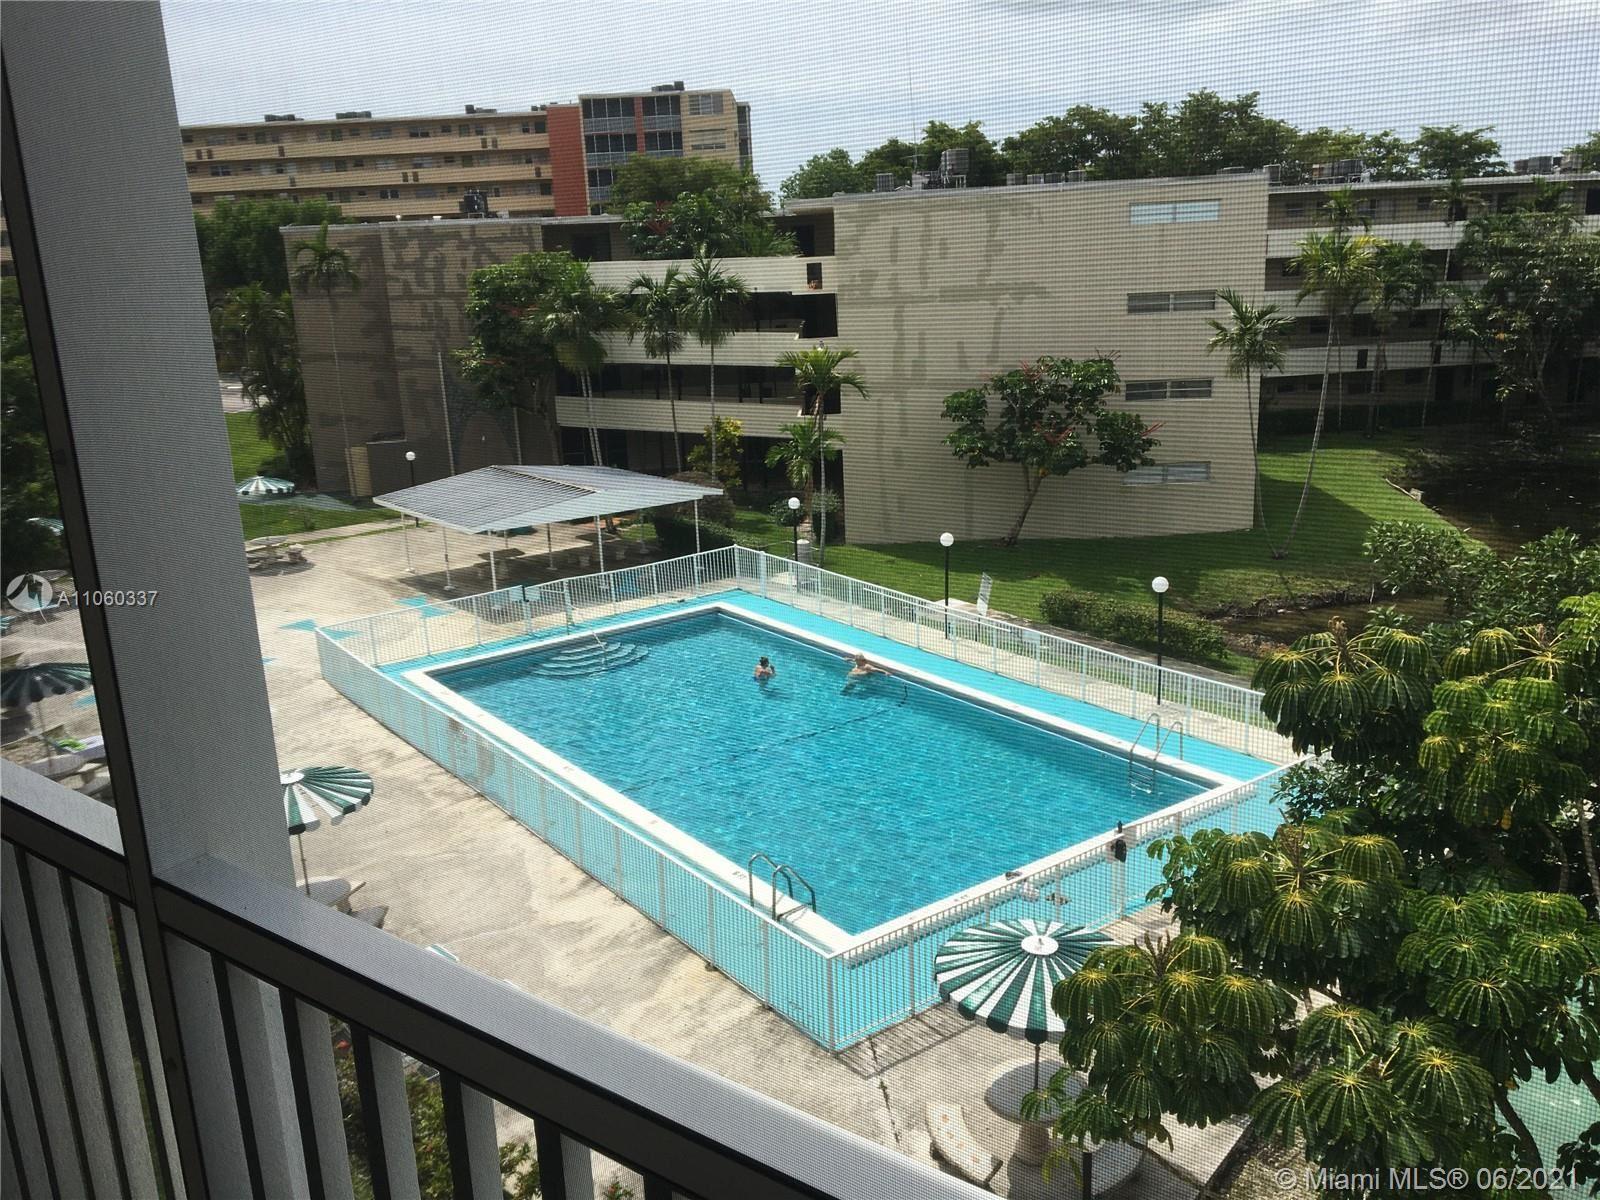 1680 NE 191st St #412-2, Miami, FL 33179 - #: A11060337